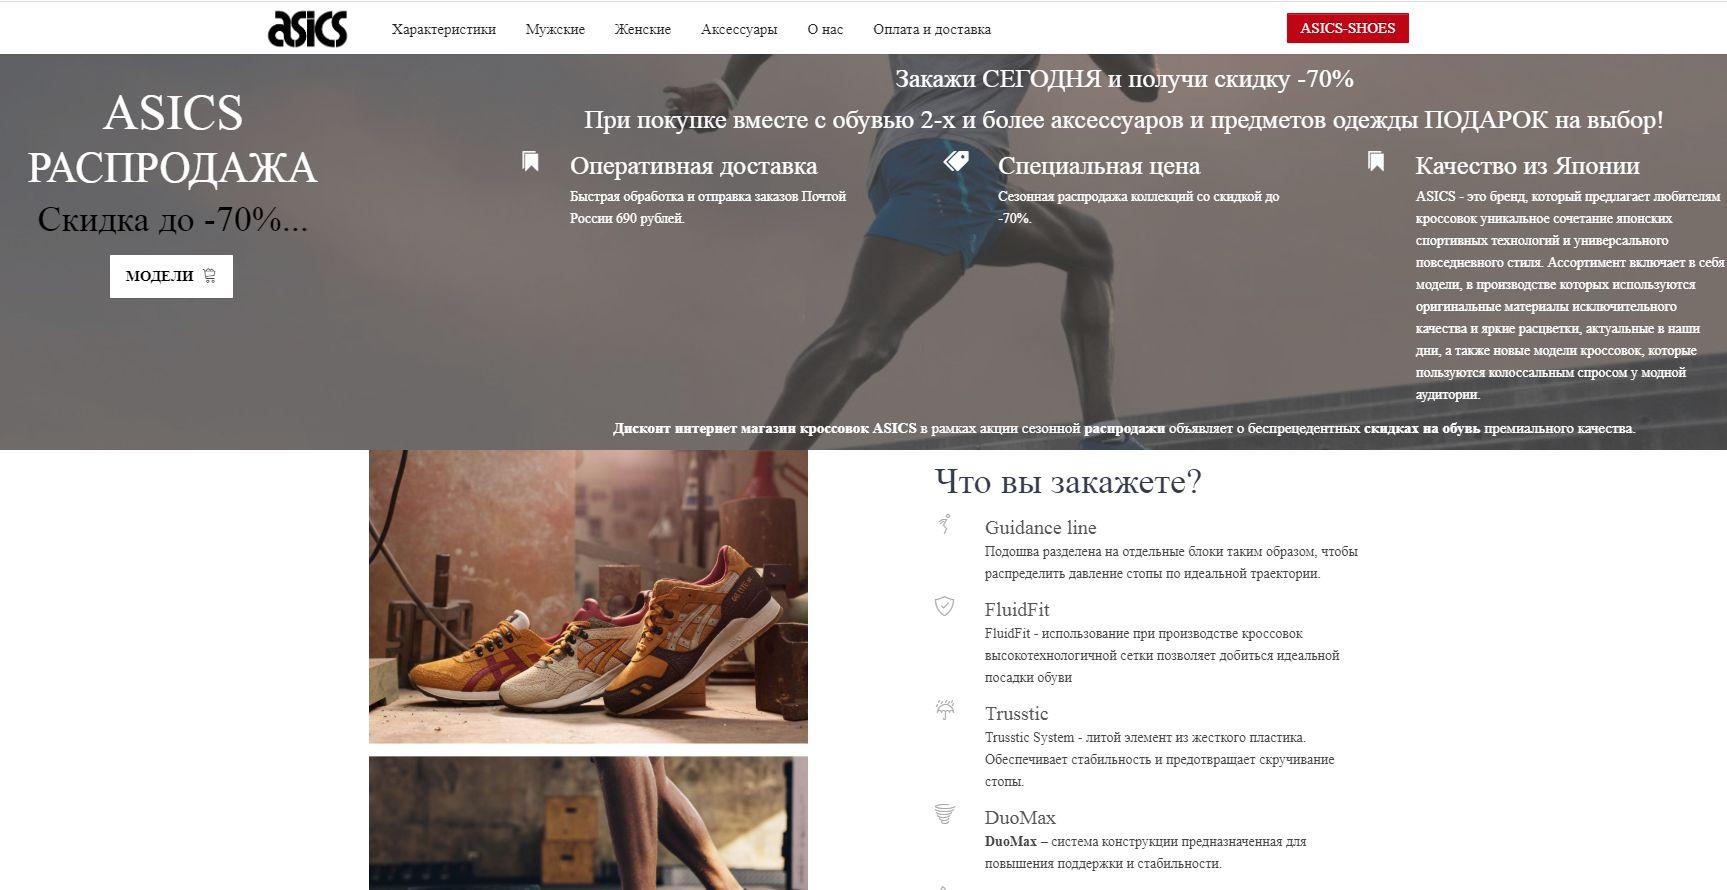 Скриншота интернет магазина мошенников a.magazine-shop-onlin.ru (верхняя часть ). Кликните на картинке, чтобы увеличить...